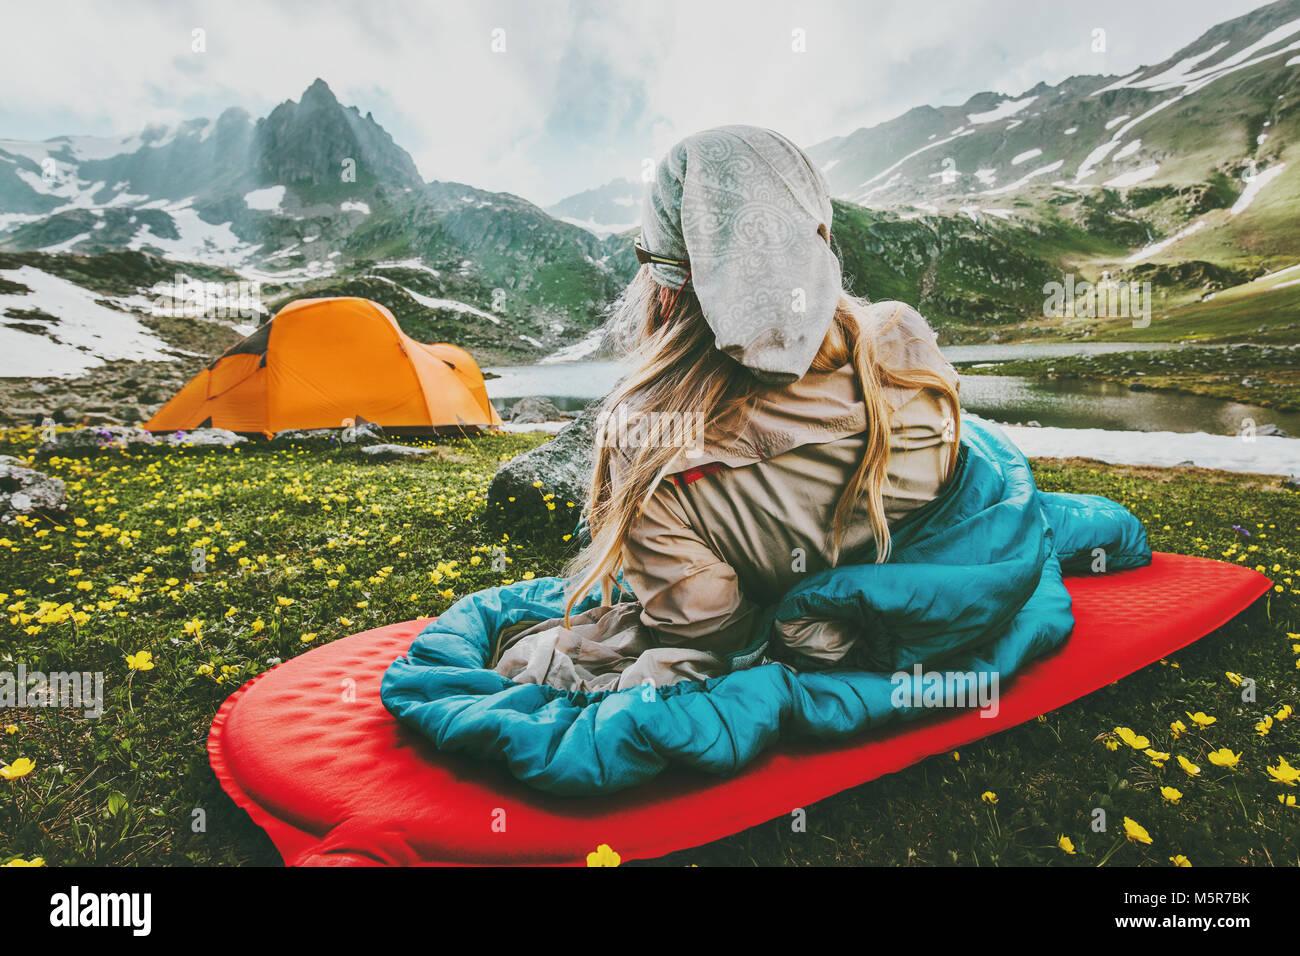 Donna relax nel sacco a pelo sul tappeto rosso Campeggio Vacanze viaggi in montagna il concetto di stile di vita Immagini Stock